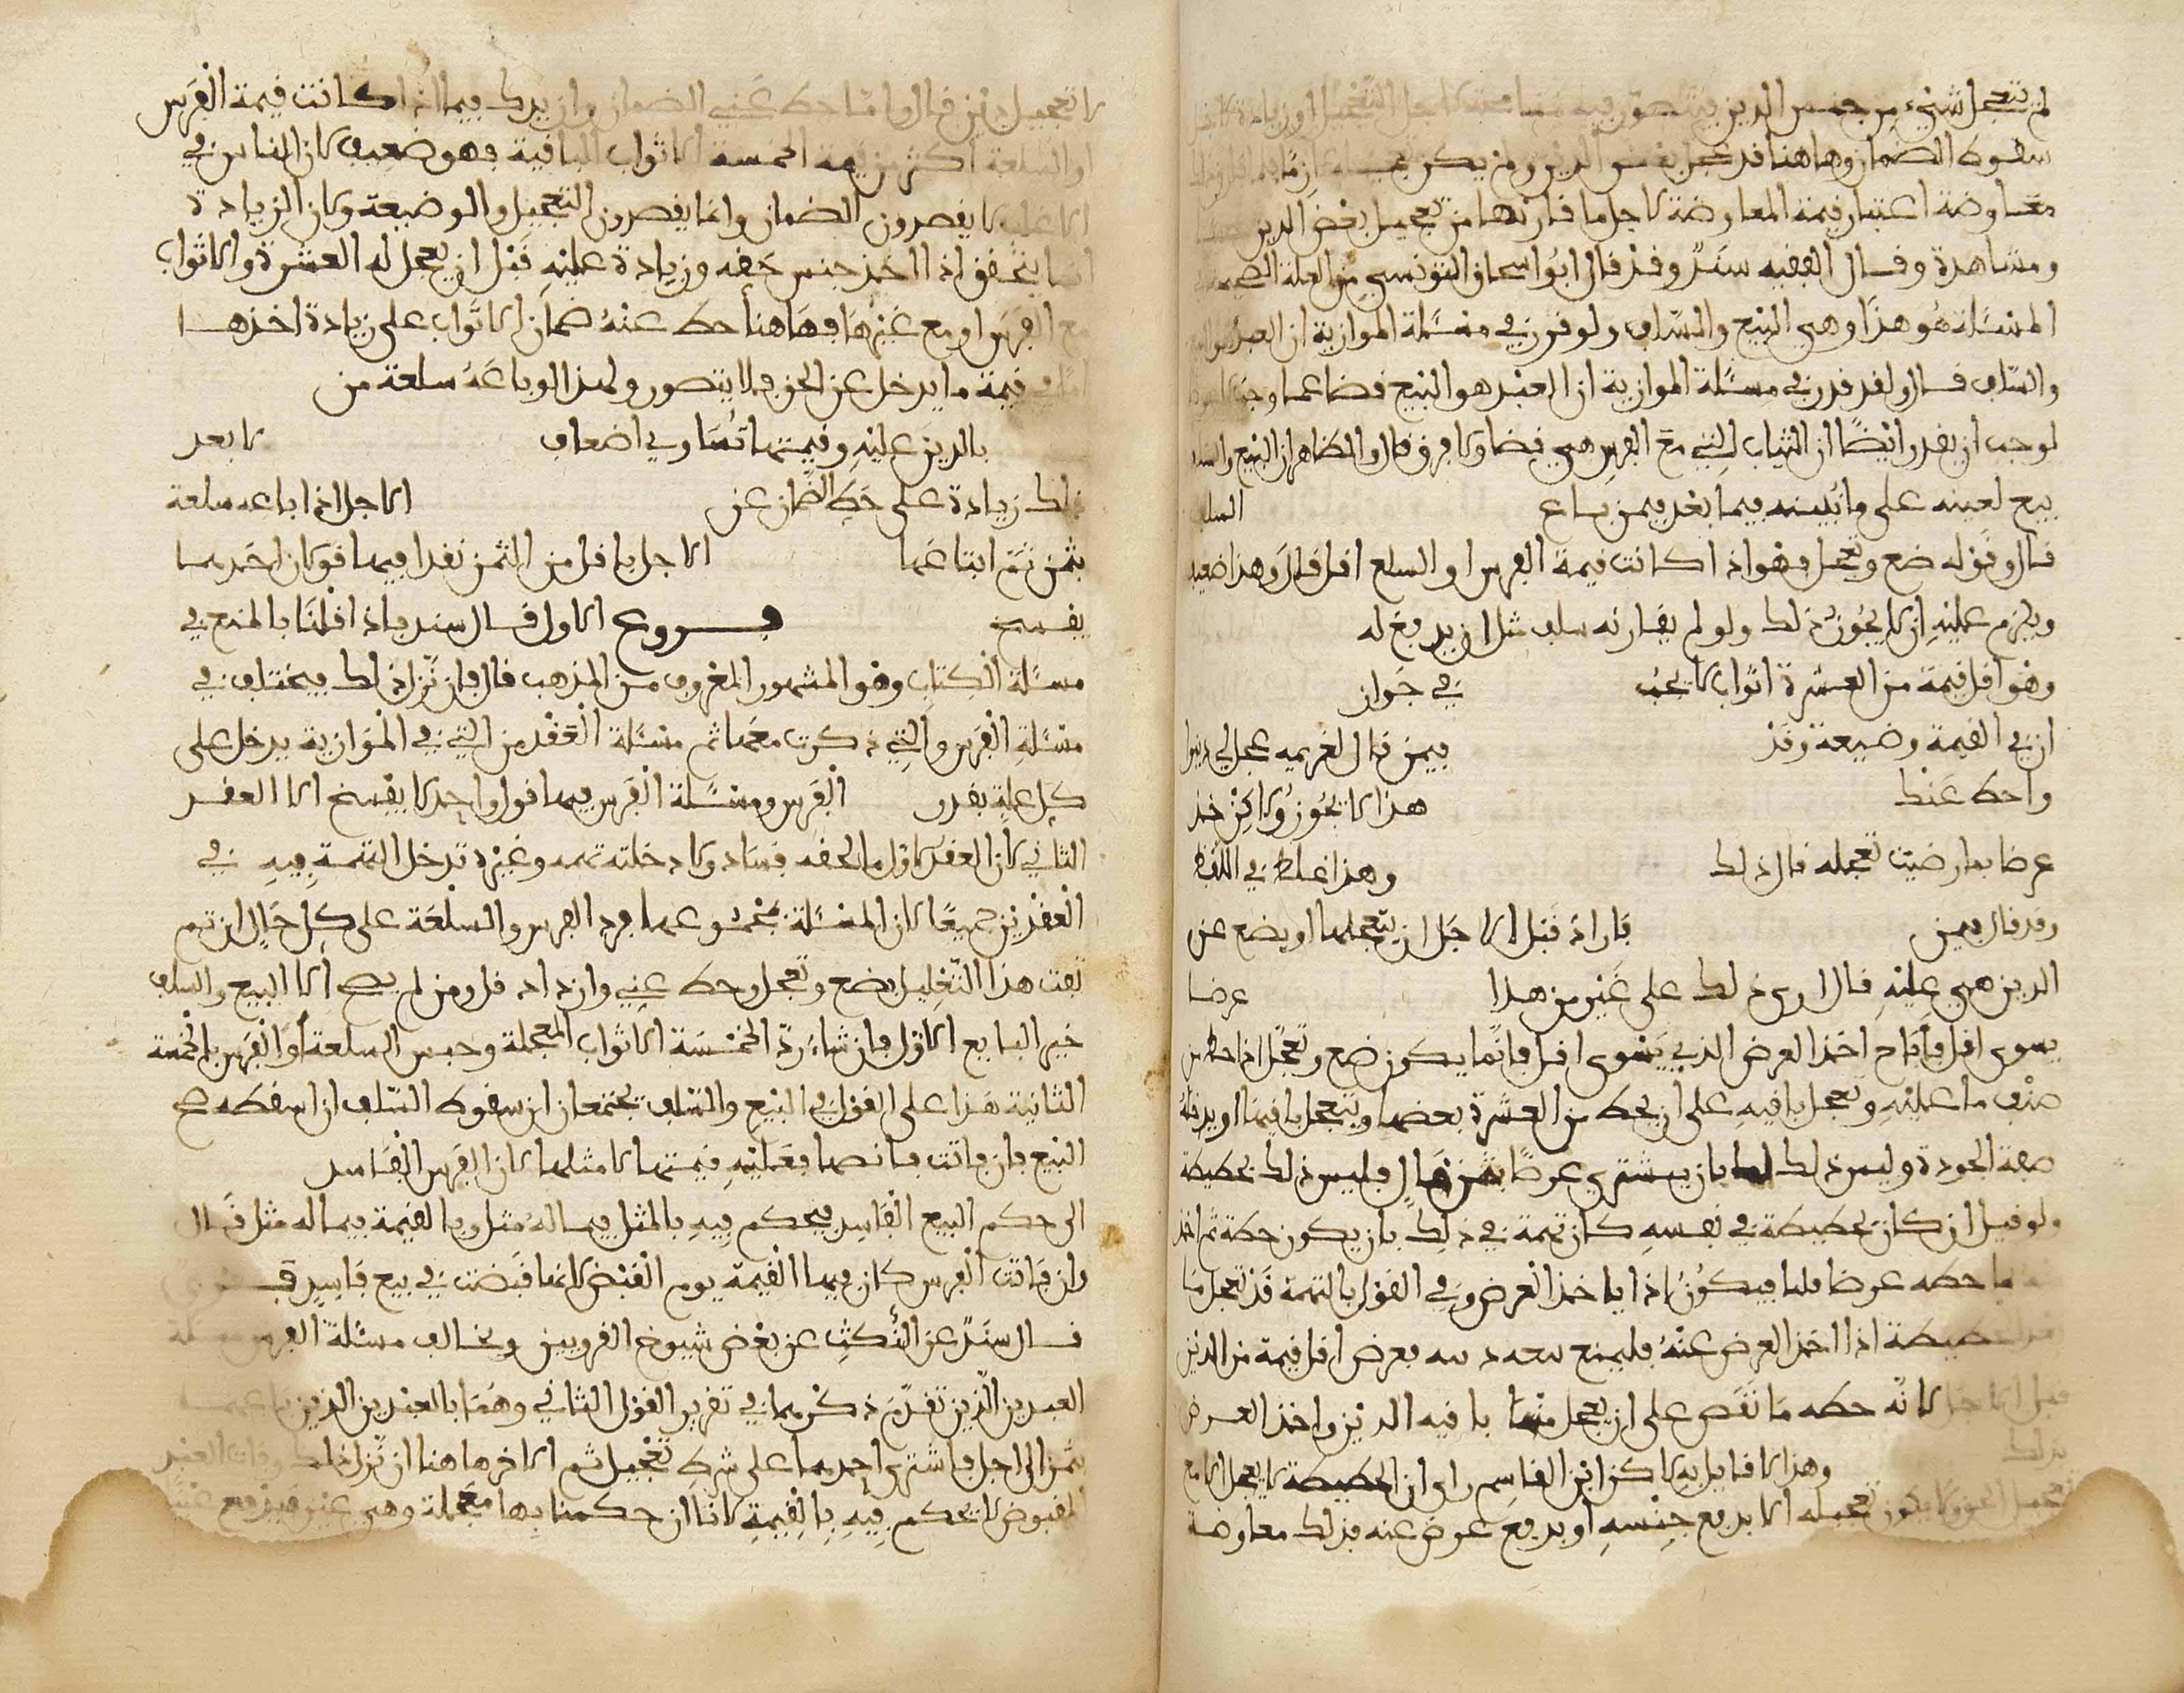 ABU 'ABDULLAH AL-MALIK BIN ANA